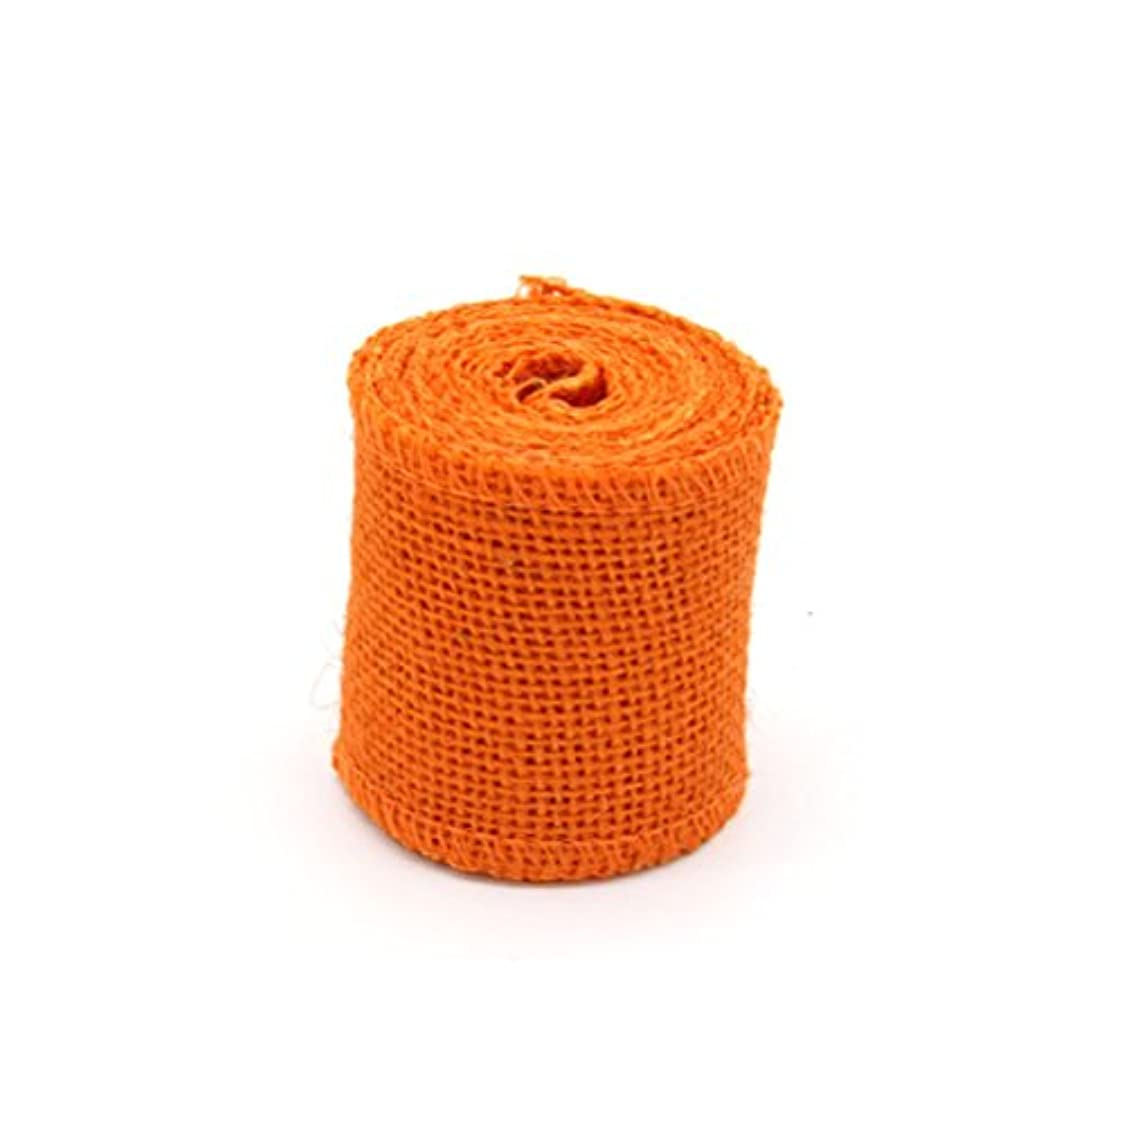 チャップ柔らかさパターンToyvian クリスマスデコレーション用2M Jute Burlapリボンロール(オレンジ)